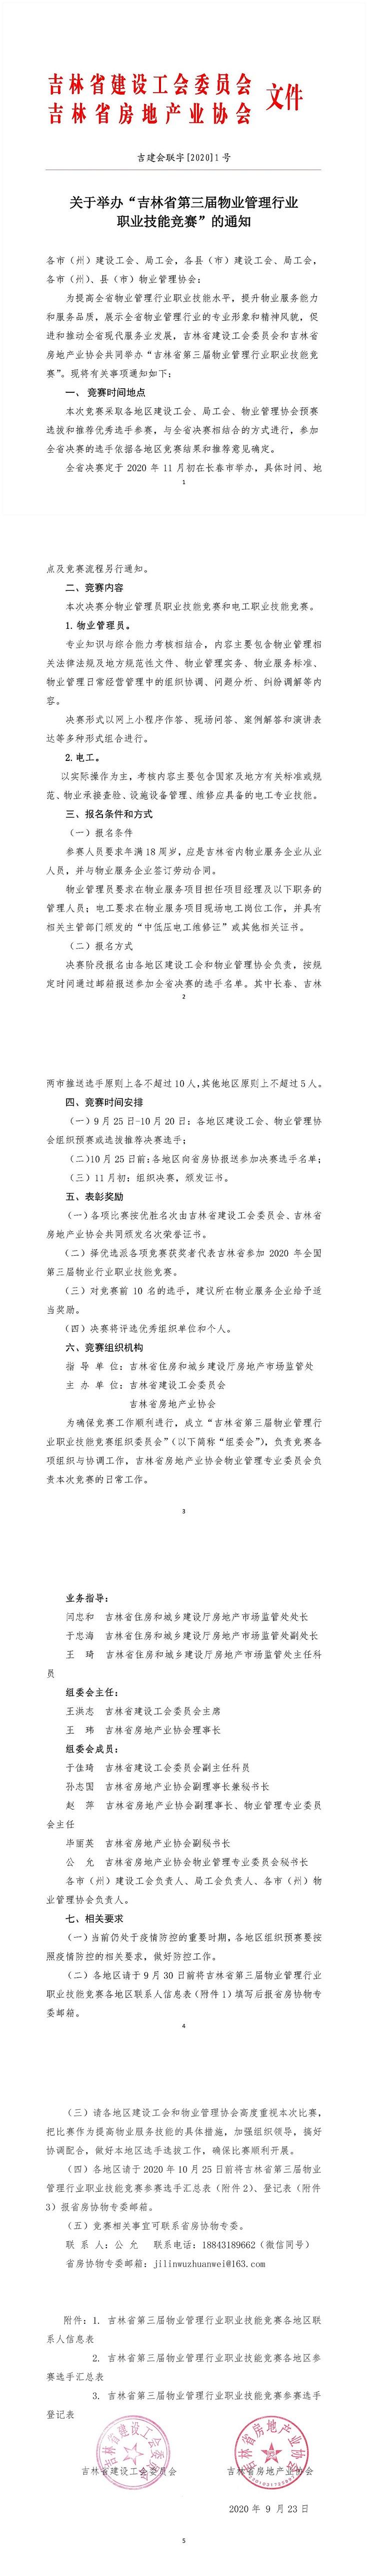 """关于举办""""吉林省第三届物业管理行业 职业技能竞赛""""的通知"""